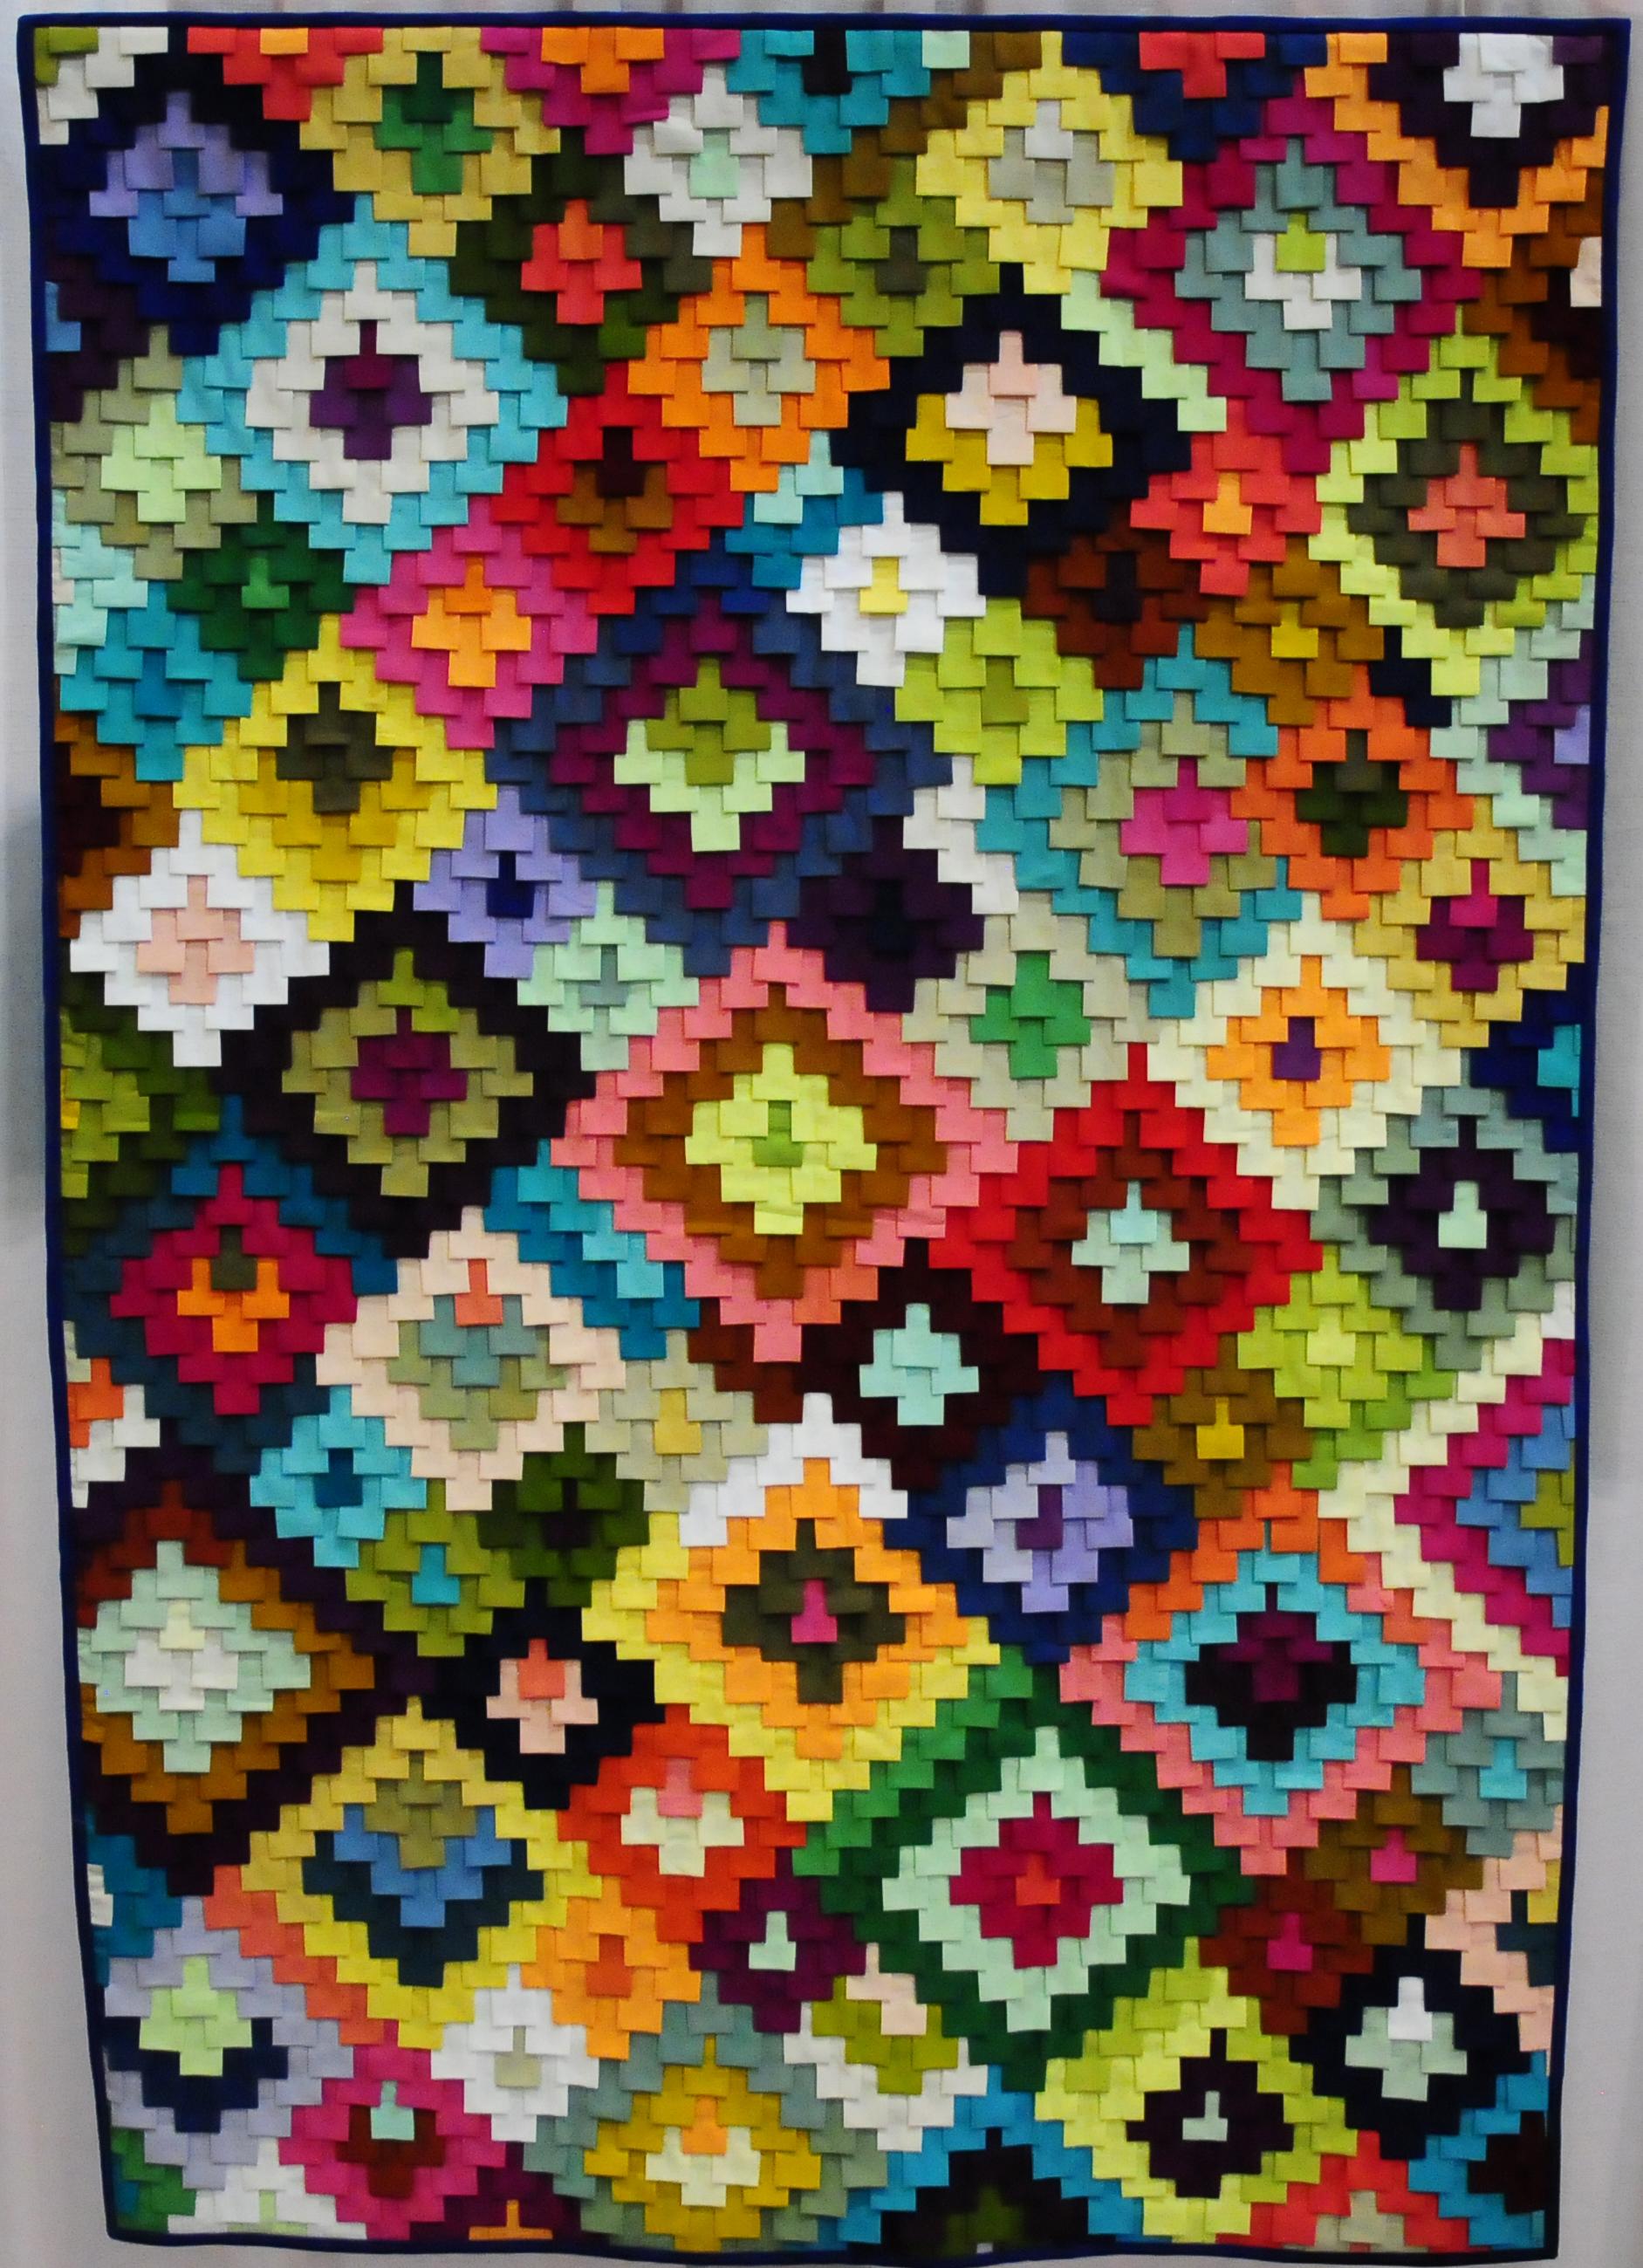 Bazaar Quilt by Tara Faughnan ( @tarafaughnan ), detail below